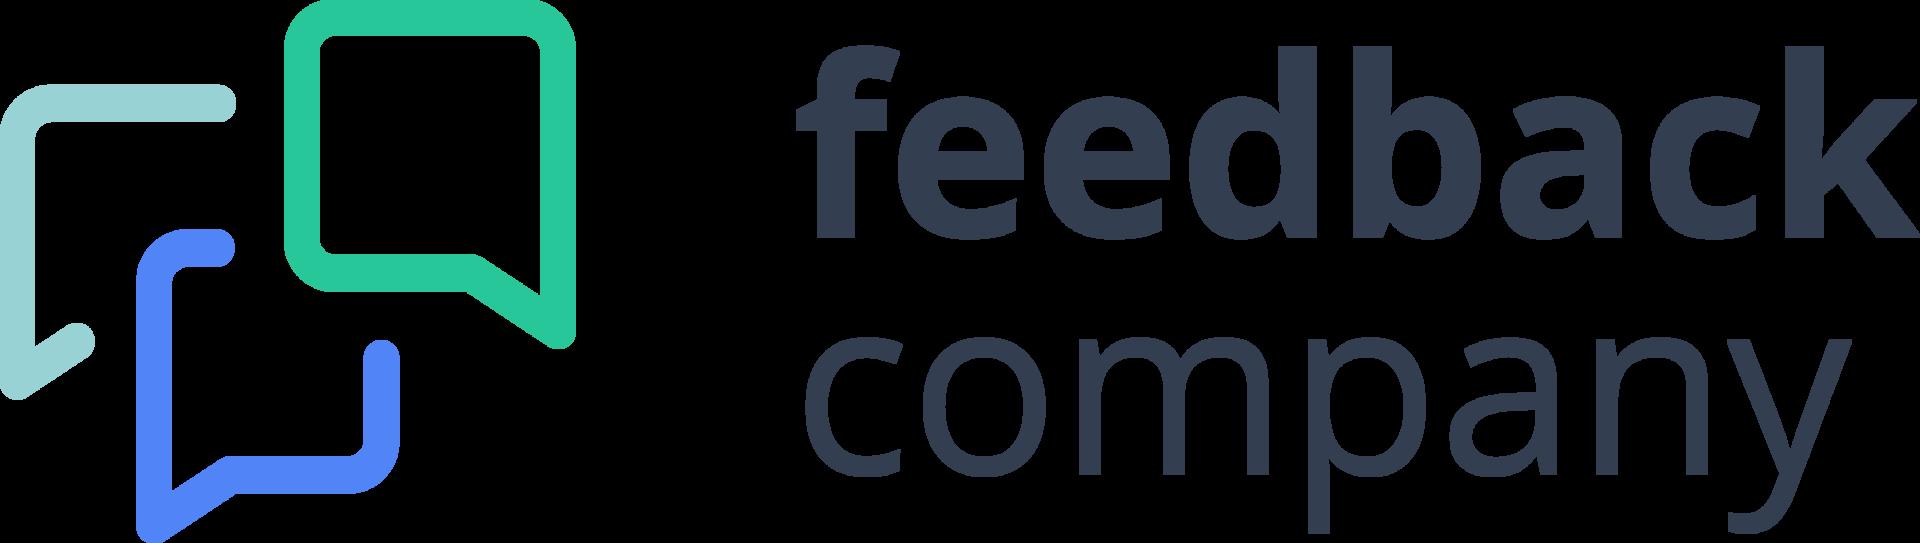 feedback company